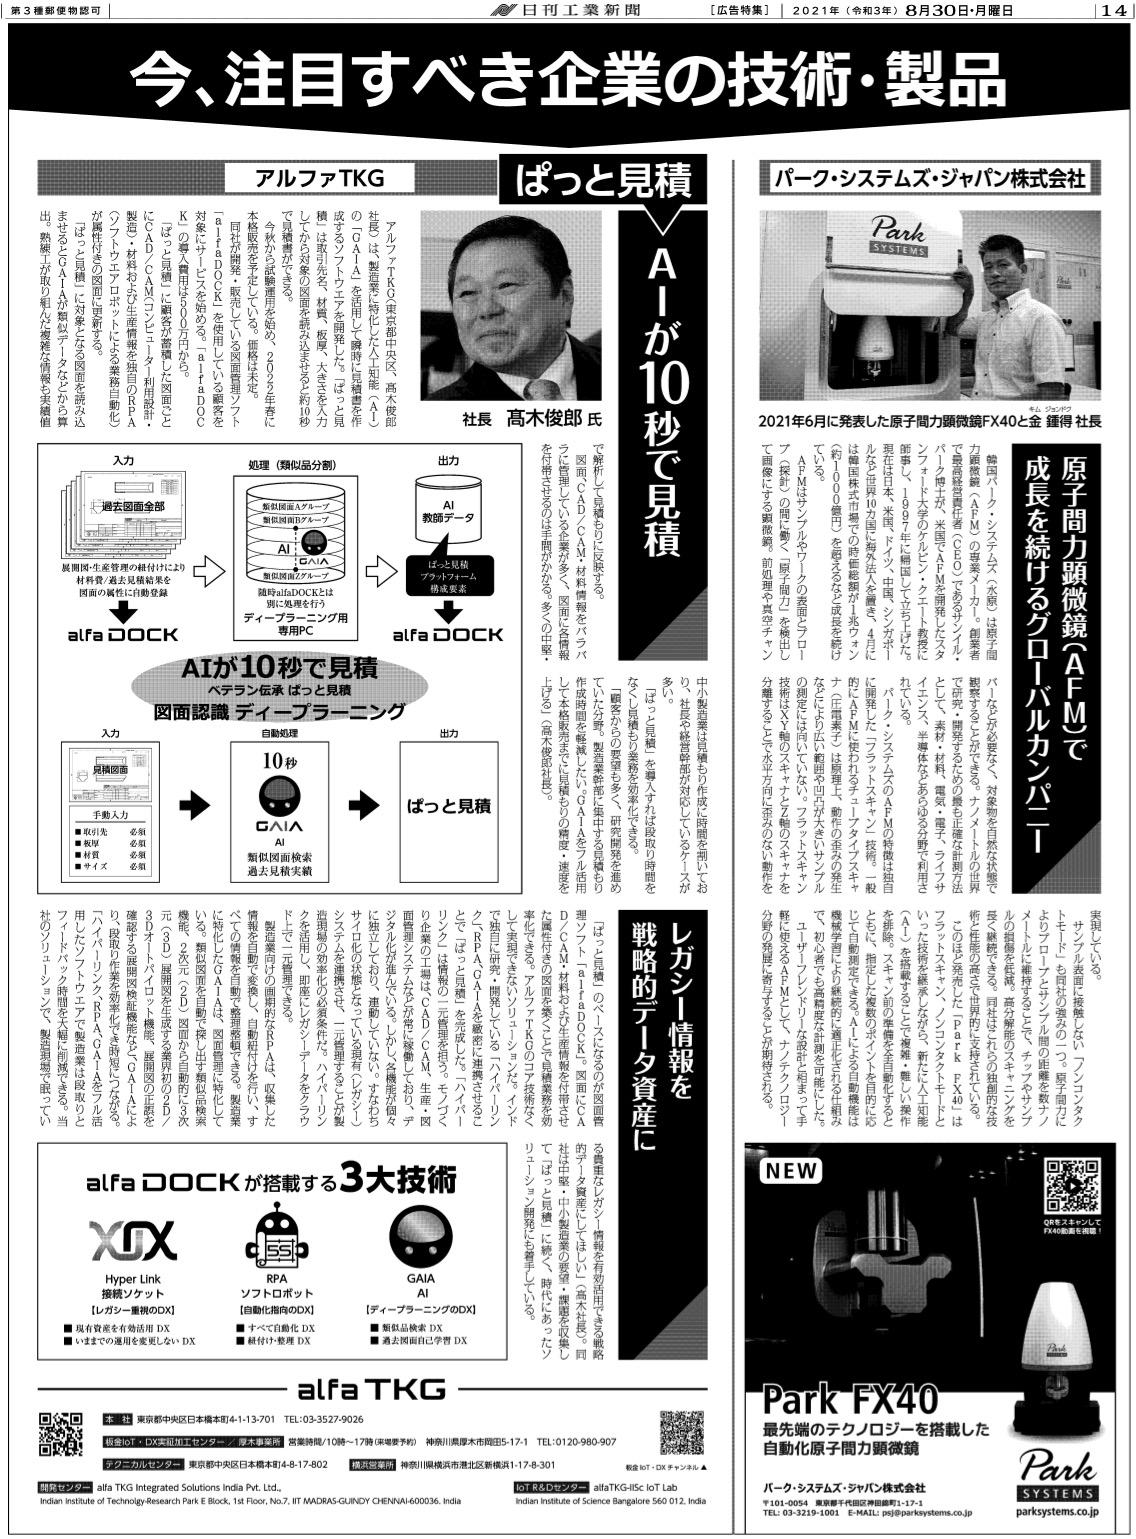 日刊工業新聞掲載記事20210830